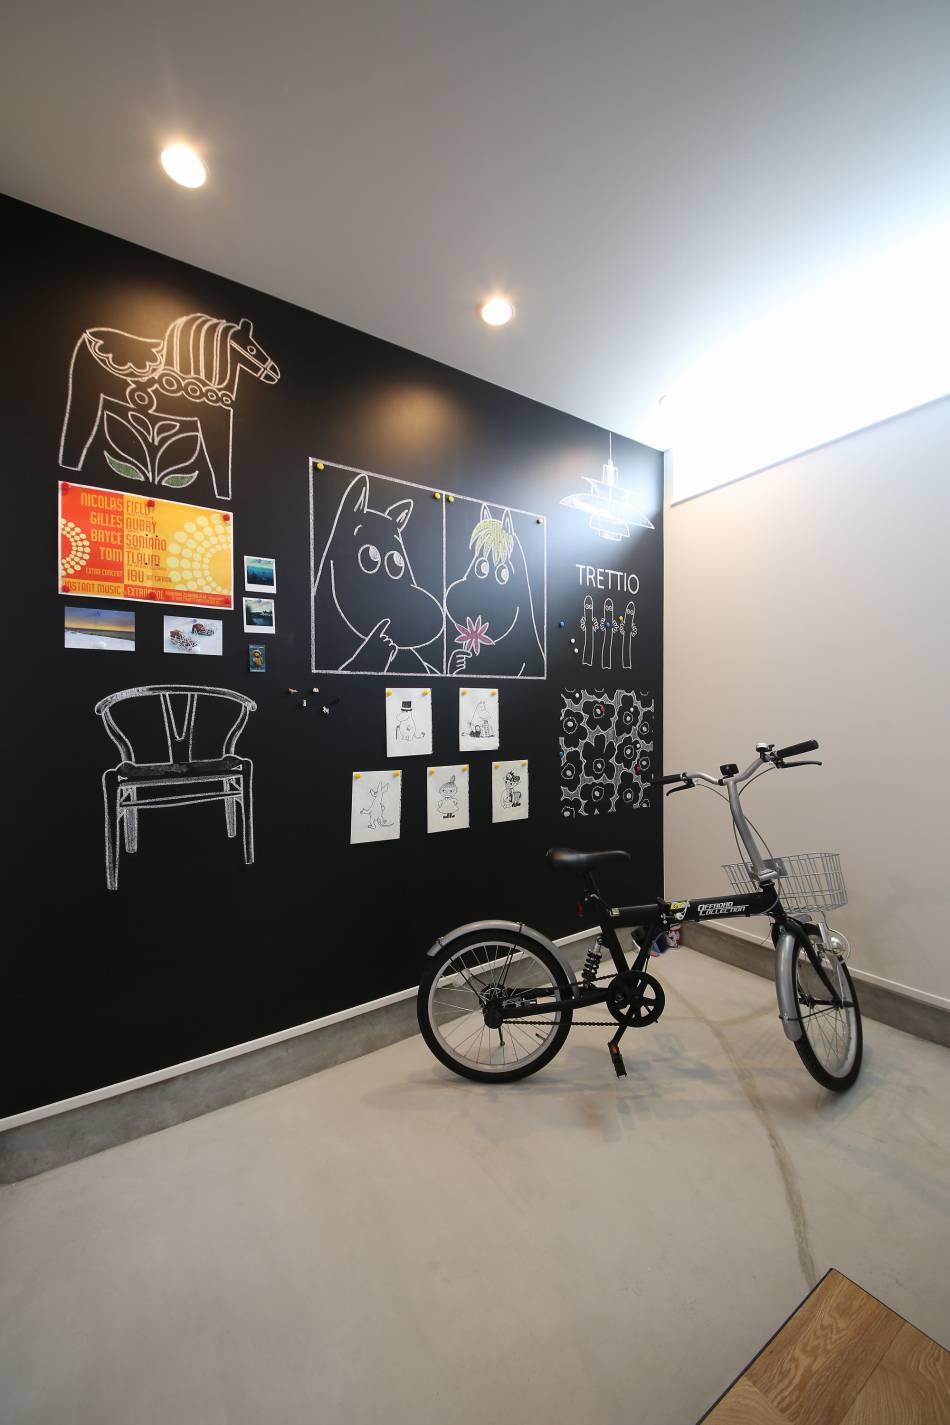 壁一面の黒板キャンバスにビックリ!!